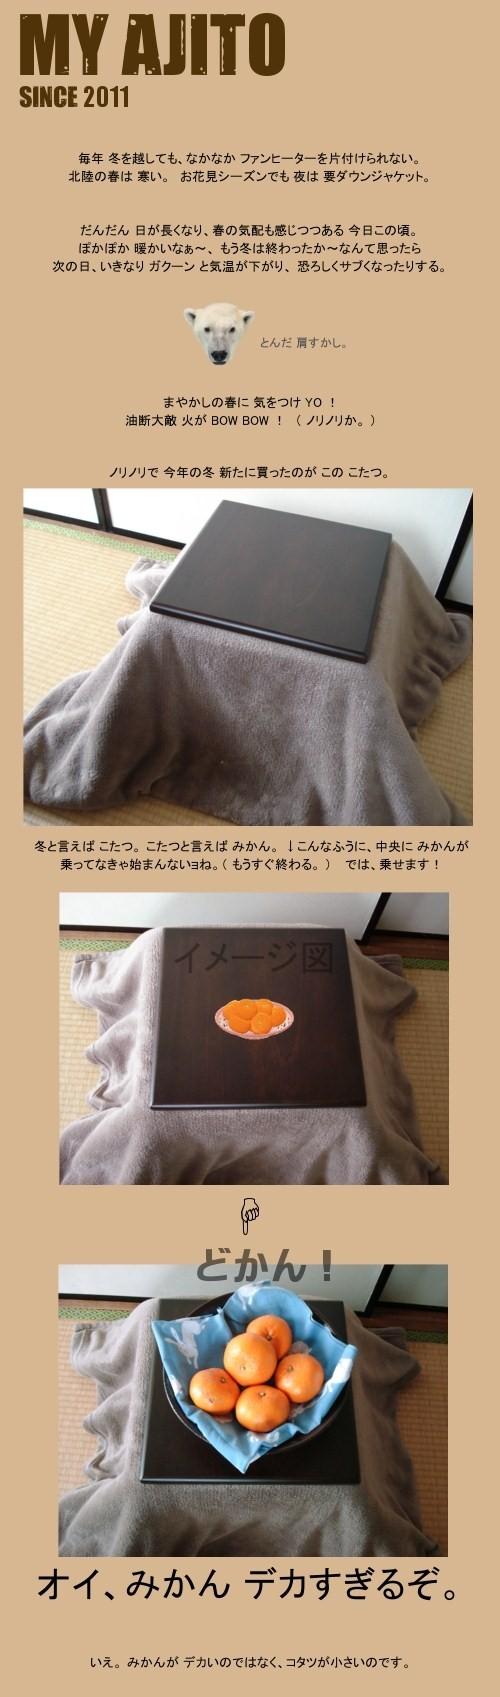 kota_sho_1.jpg